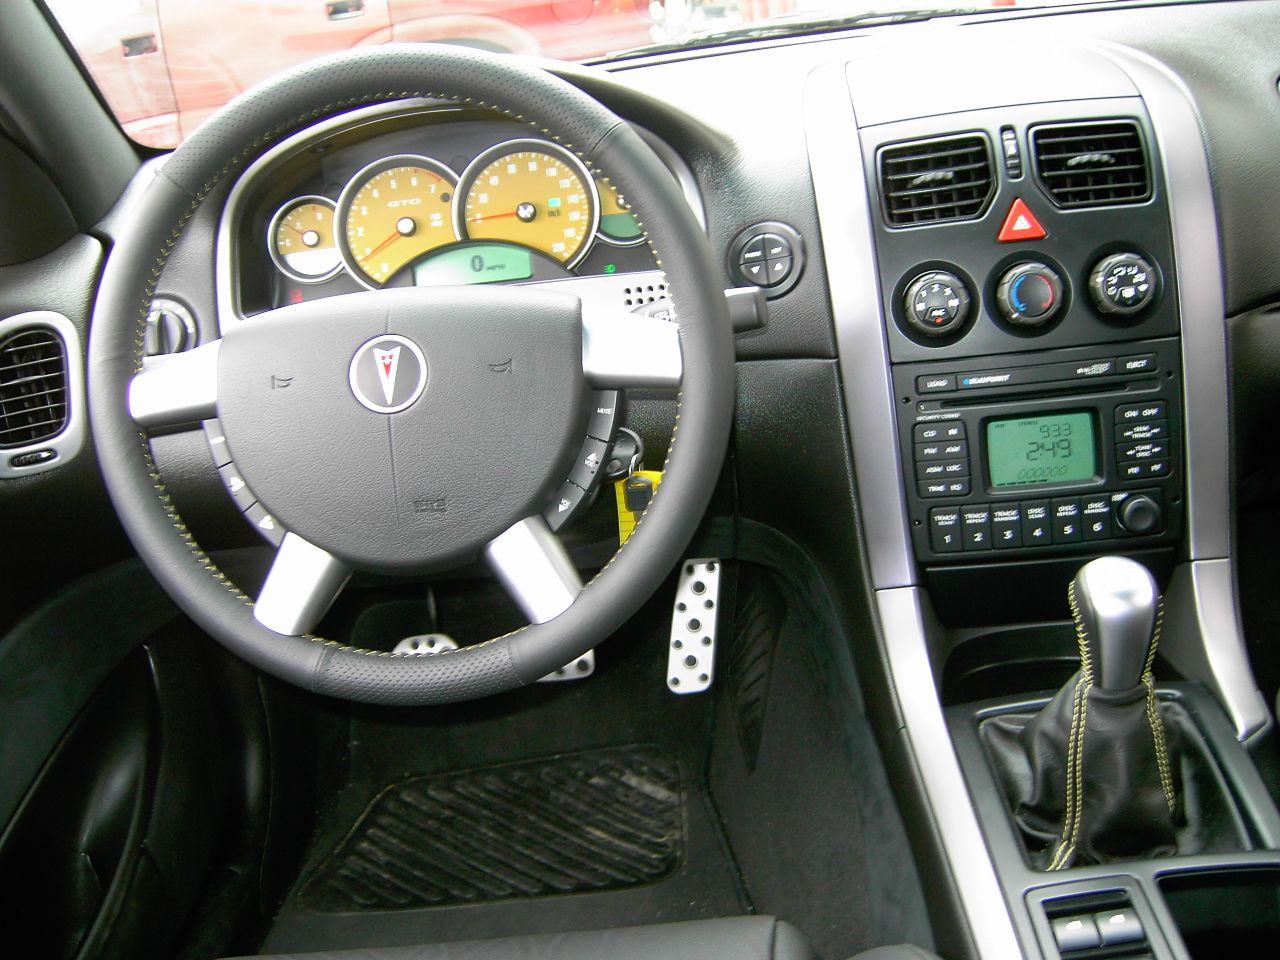 2004 Pontiac GTO dashboard Australian cars, Pontiac gto